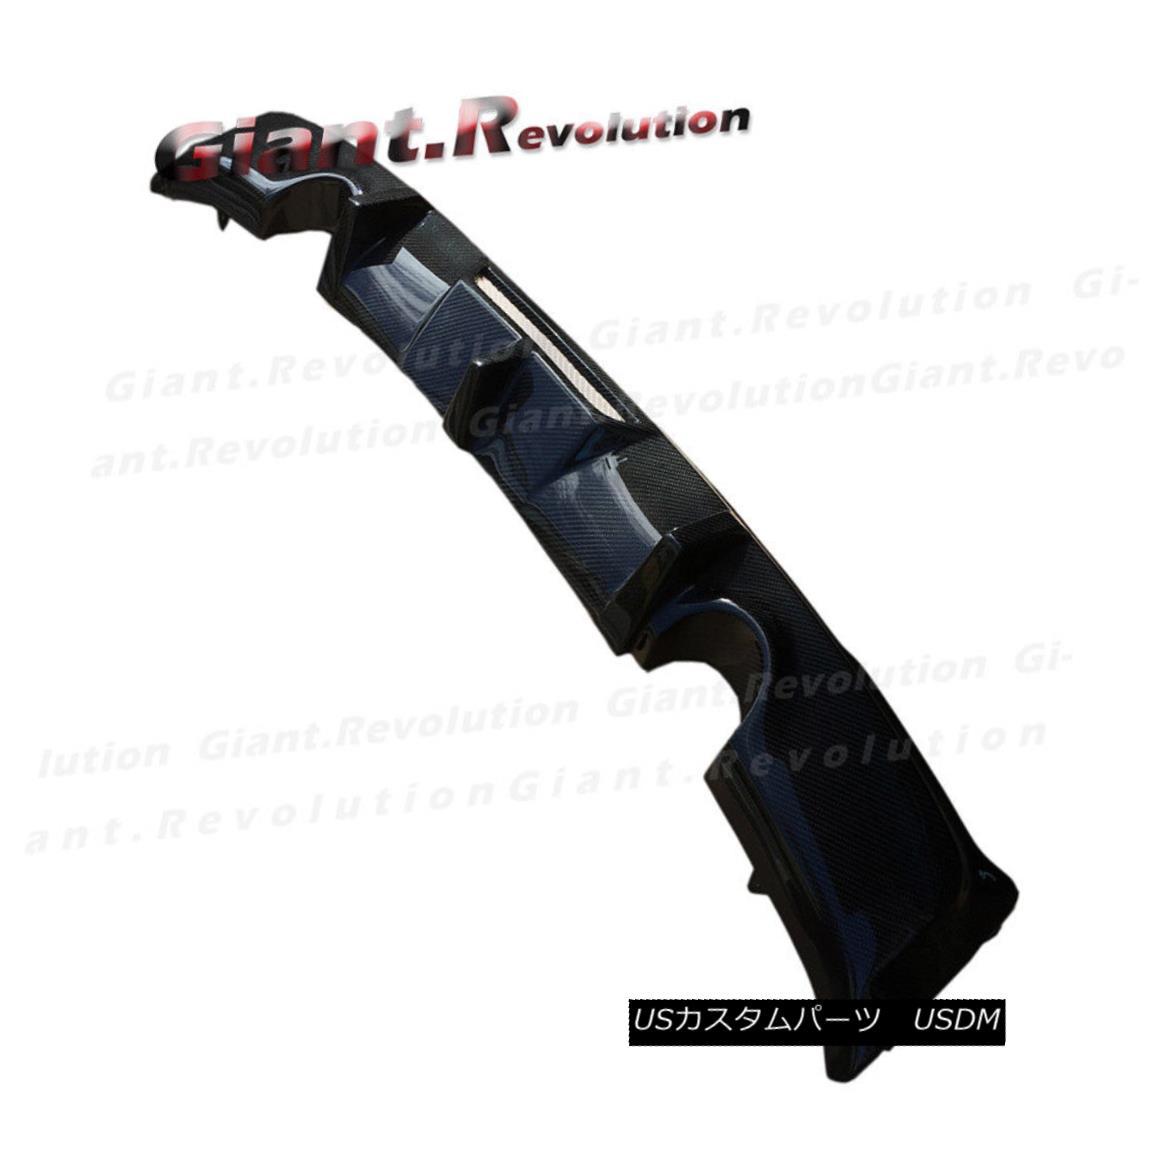 エアロパーツ Carbon New V Design Rear Bumper Diffuser Lip For 2014+ F22 F23 220i 235i M-Tech カーボンニューVデザインリアバンパーディフューザーリップ(2014+ F22 F23 220i 235i M-Tech)